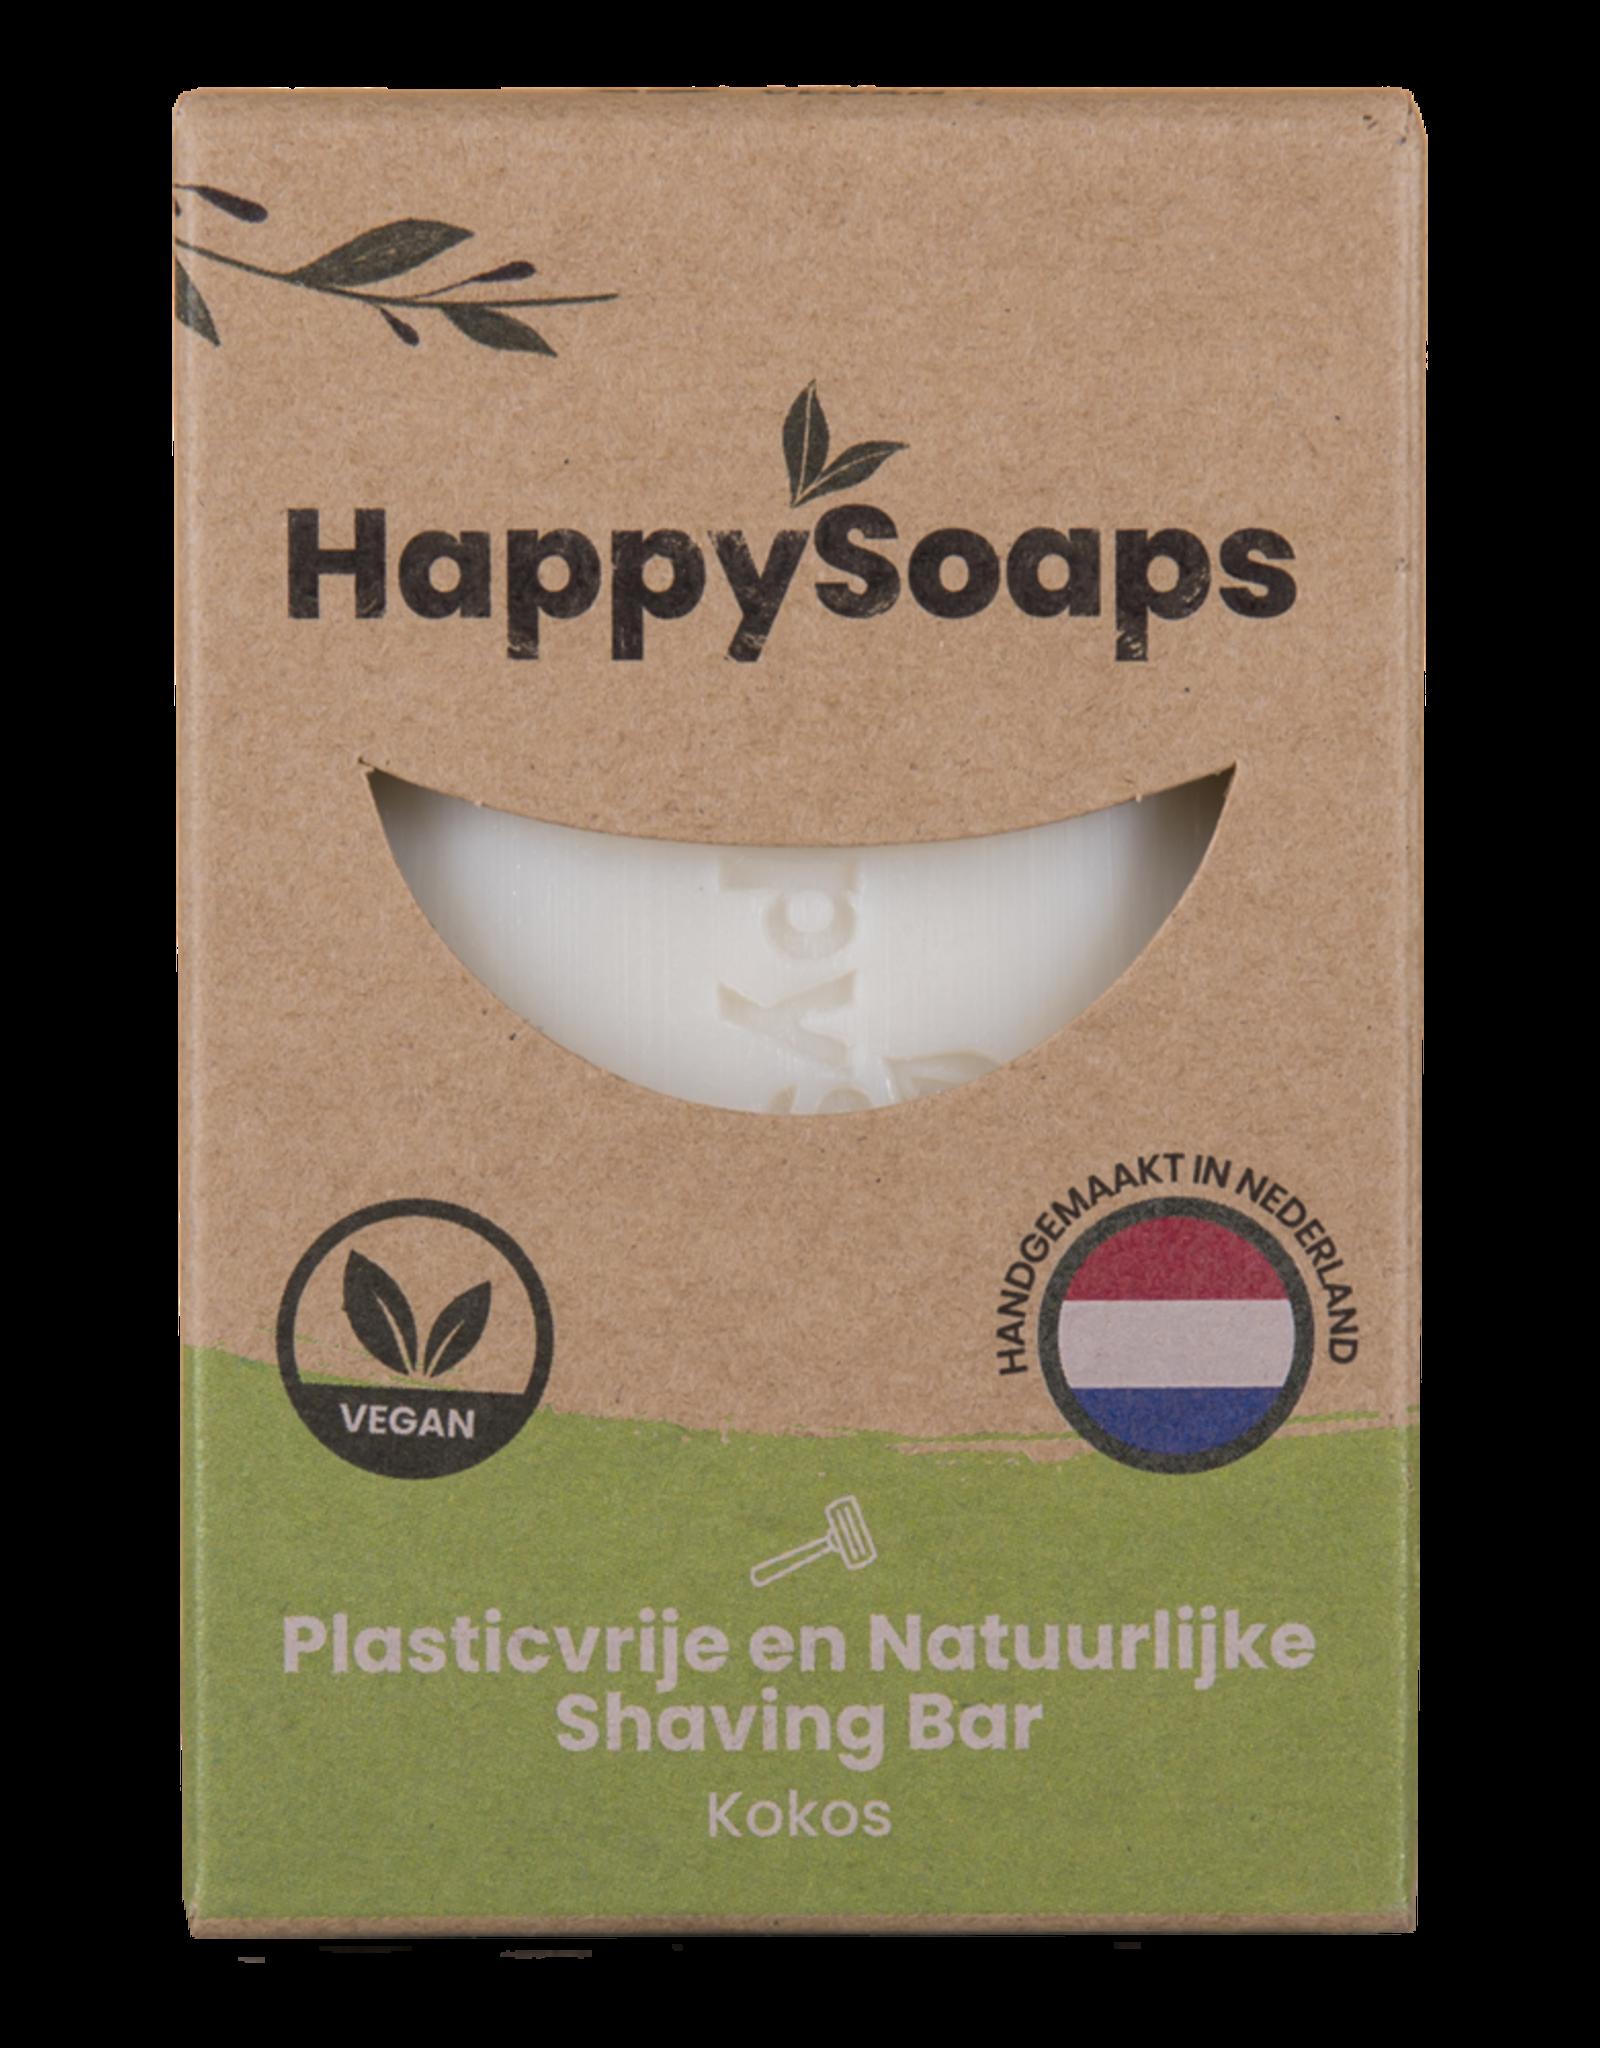 HappySoaps Shaving Bar Kokos - HappySoaps